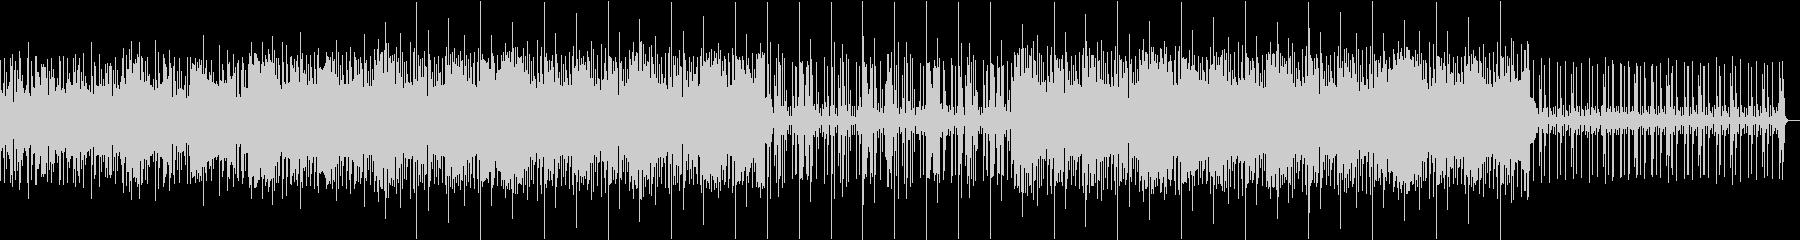 ビート感ありローファイヒップホップBGMの未再生の波形